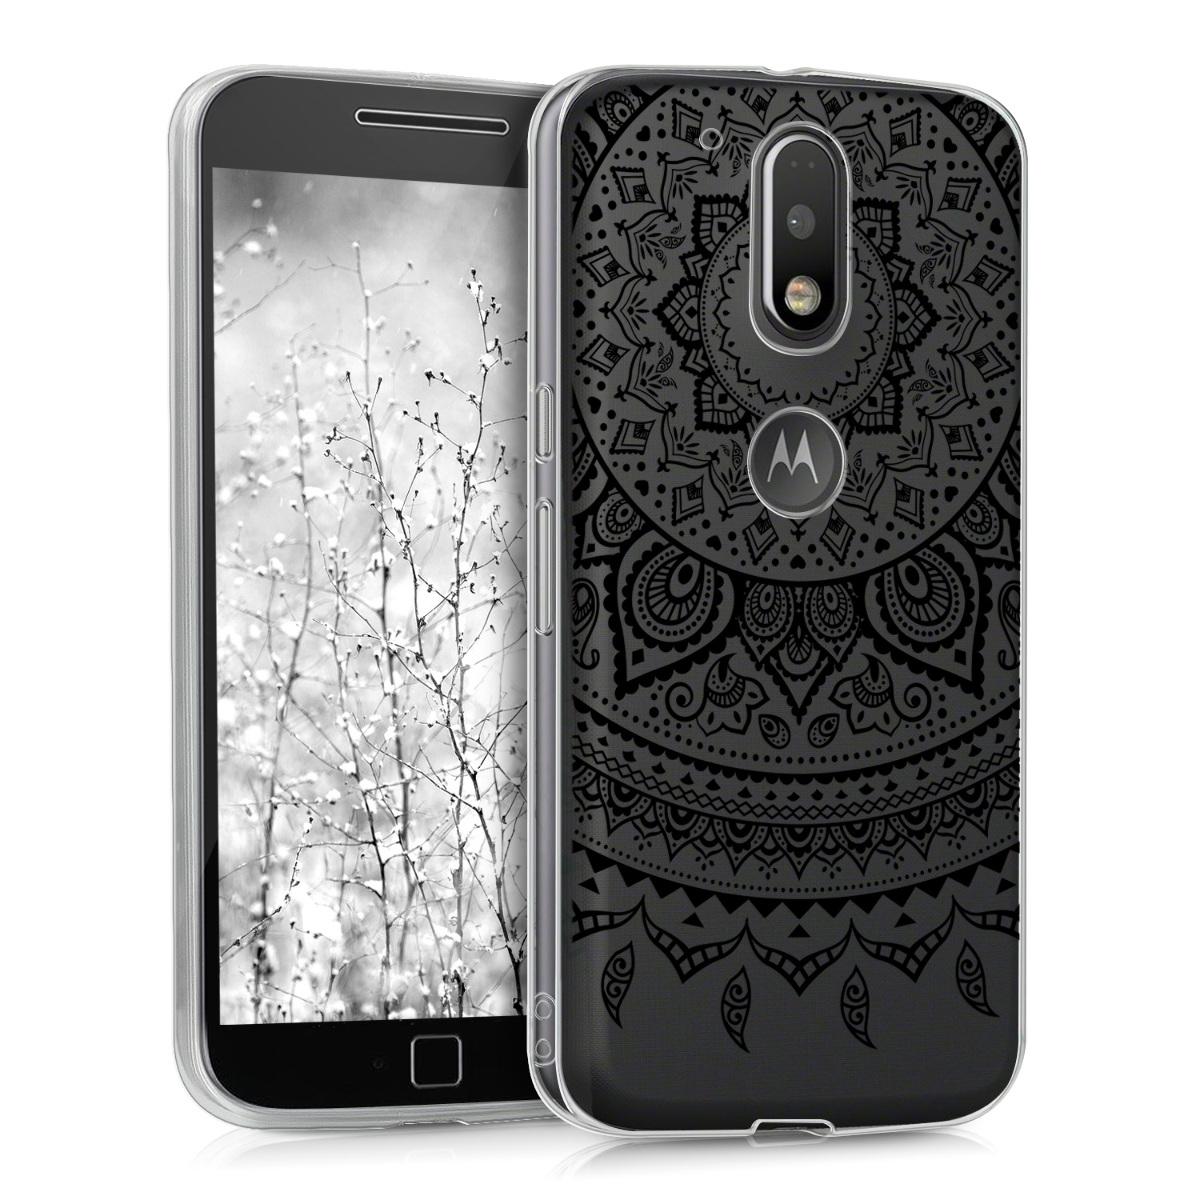 Kvalitní silikonové TPU pouzdro | obal pro Motorola Moto G4 / Moto G4 Plus - Indiánské slunce Černá / průhledná